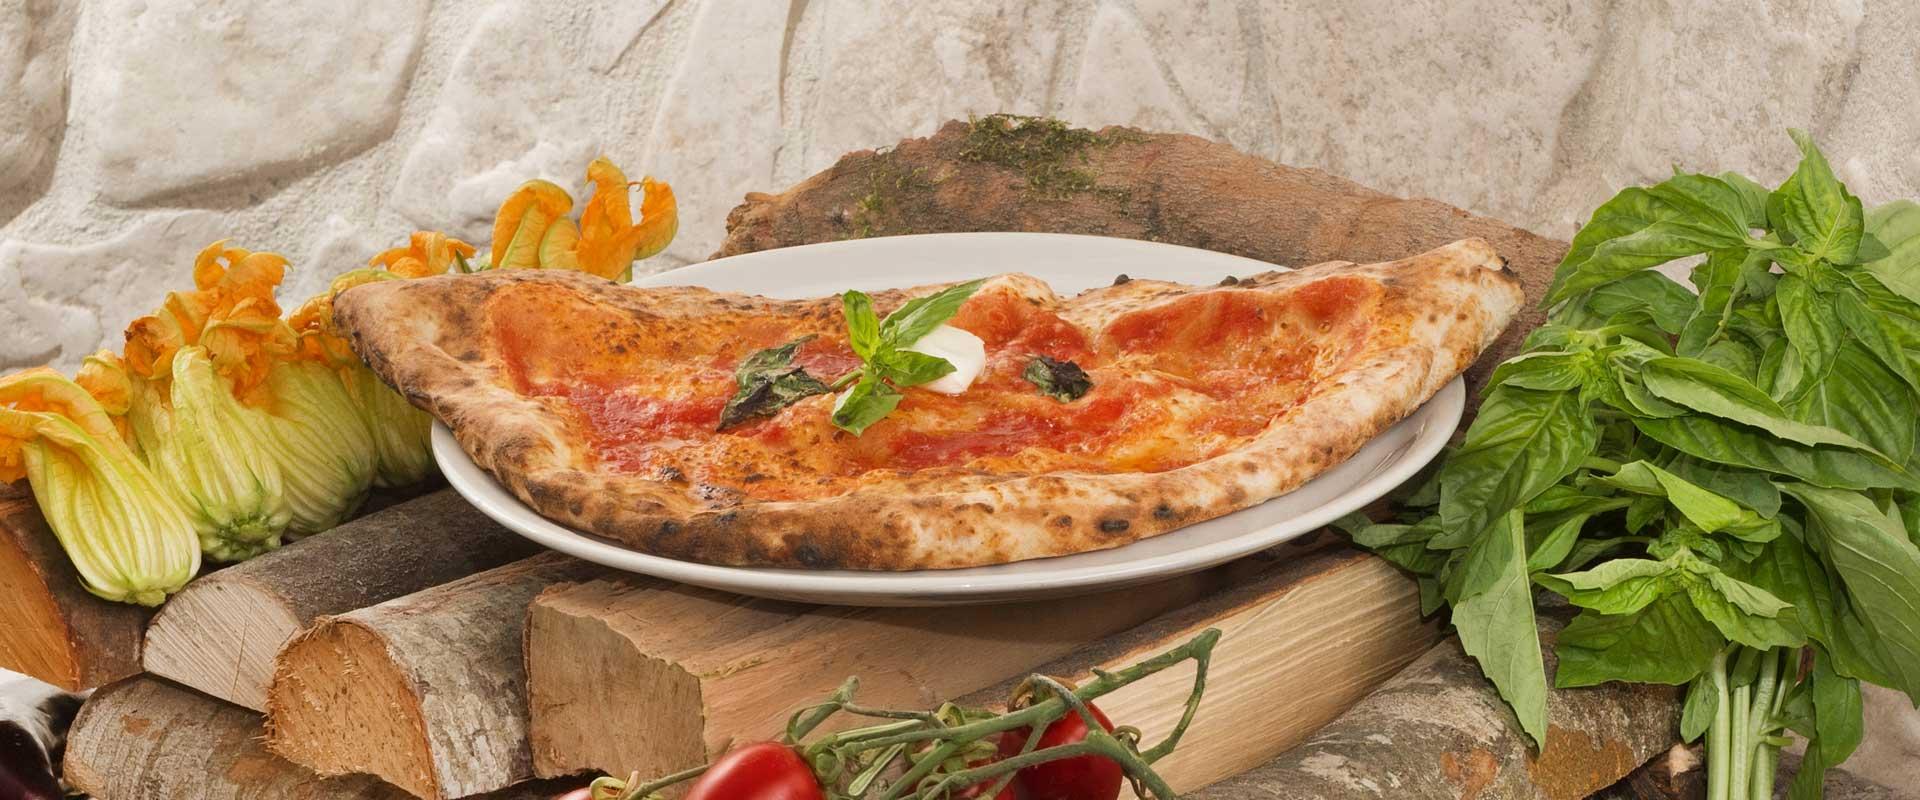 Pizza ripieno al forno tradizionale